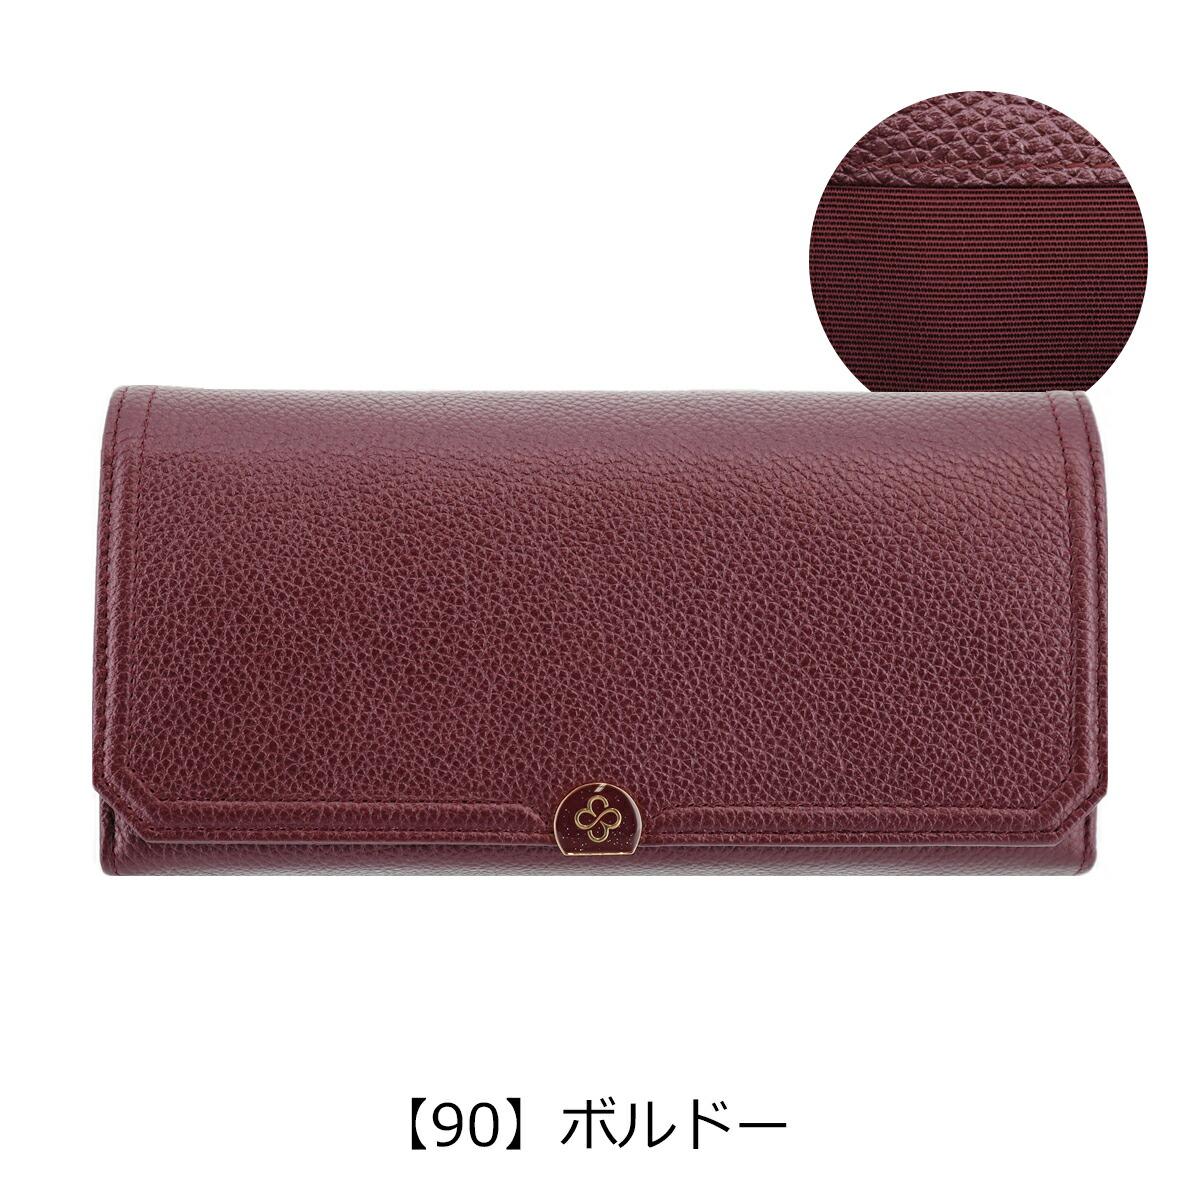 【90】ボルドー